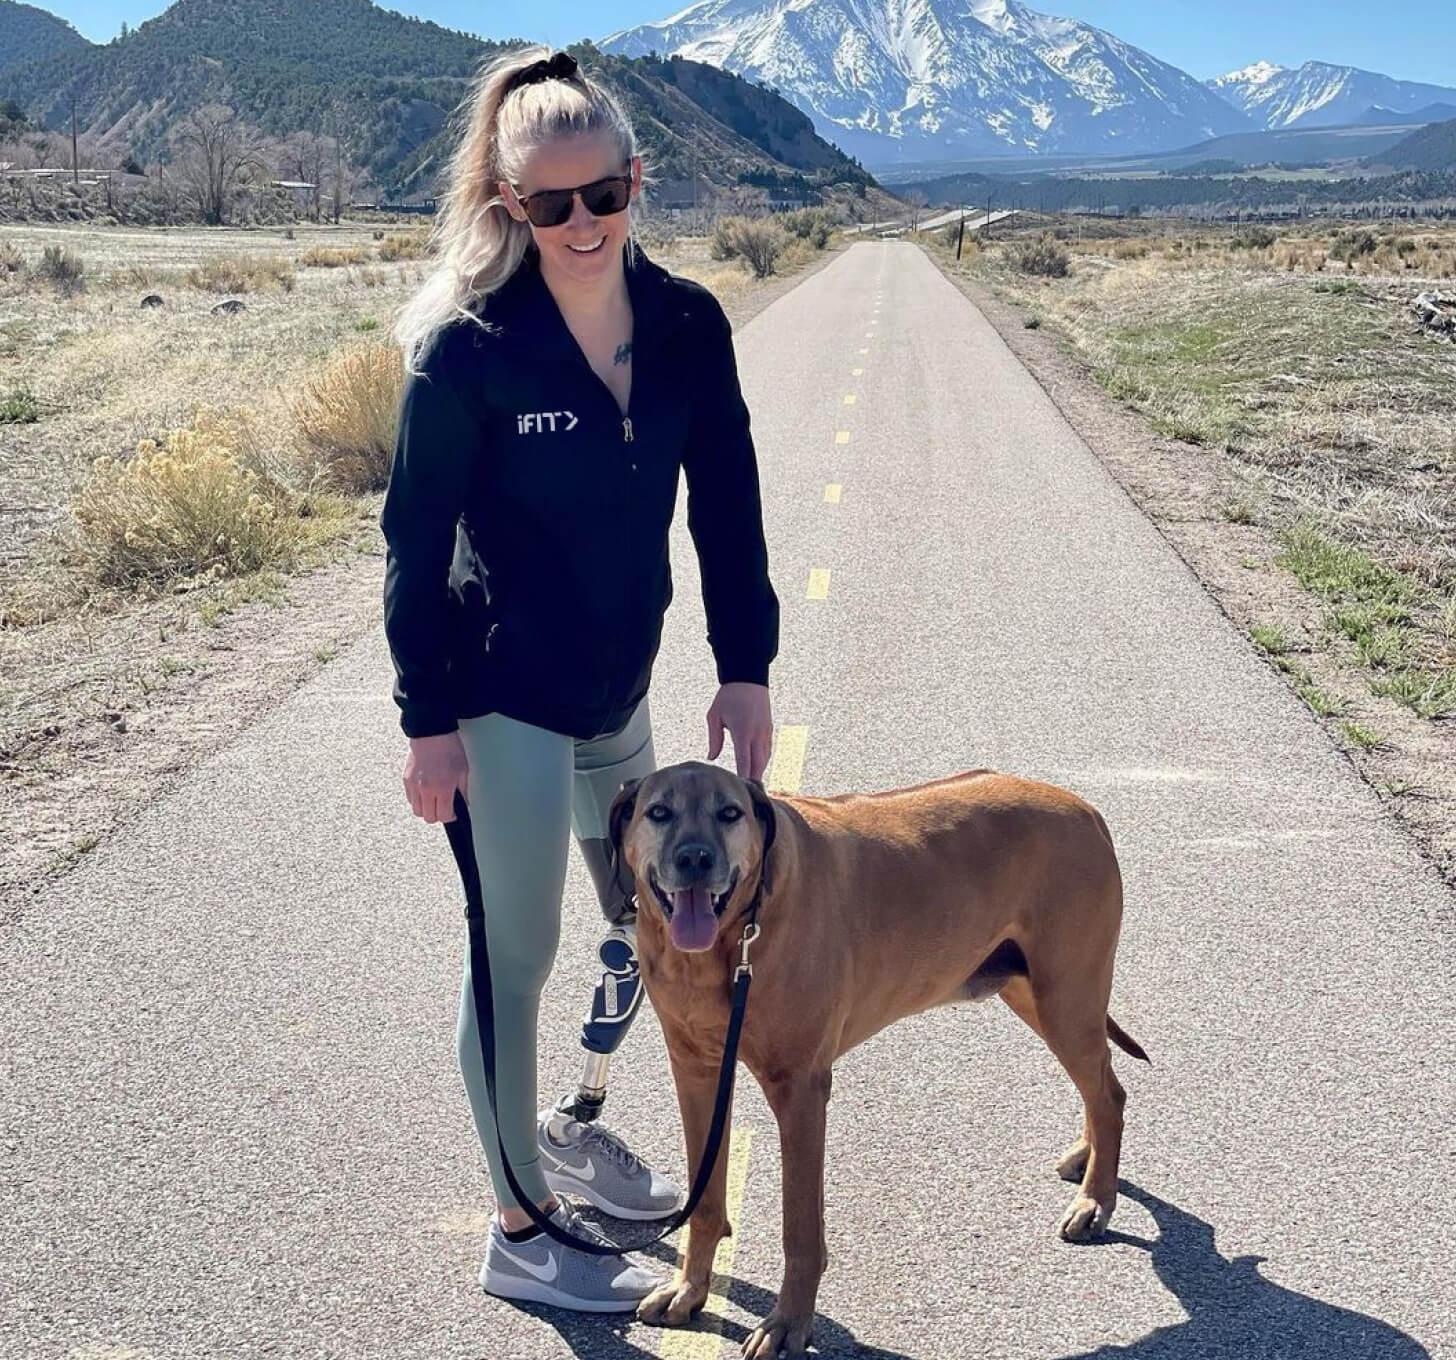 iFIT Trainer Kirstie Ennis walking workout